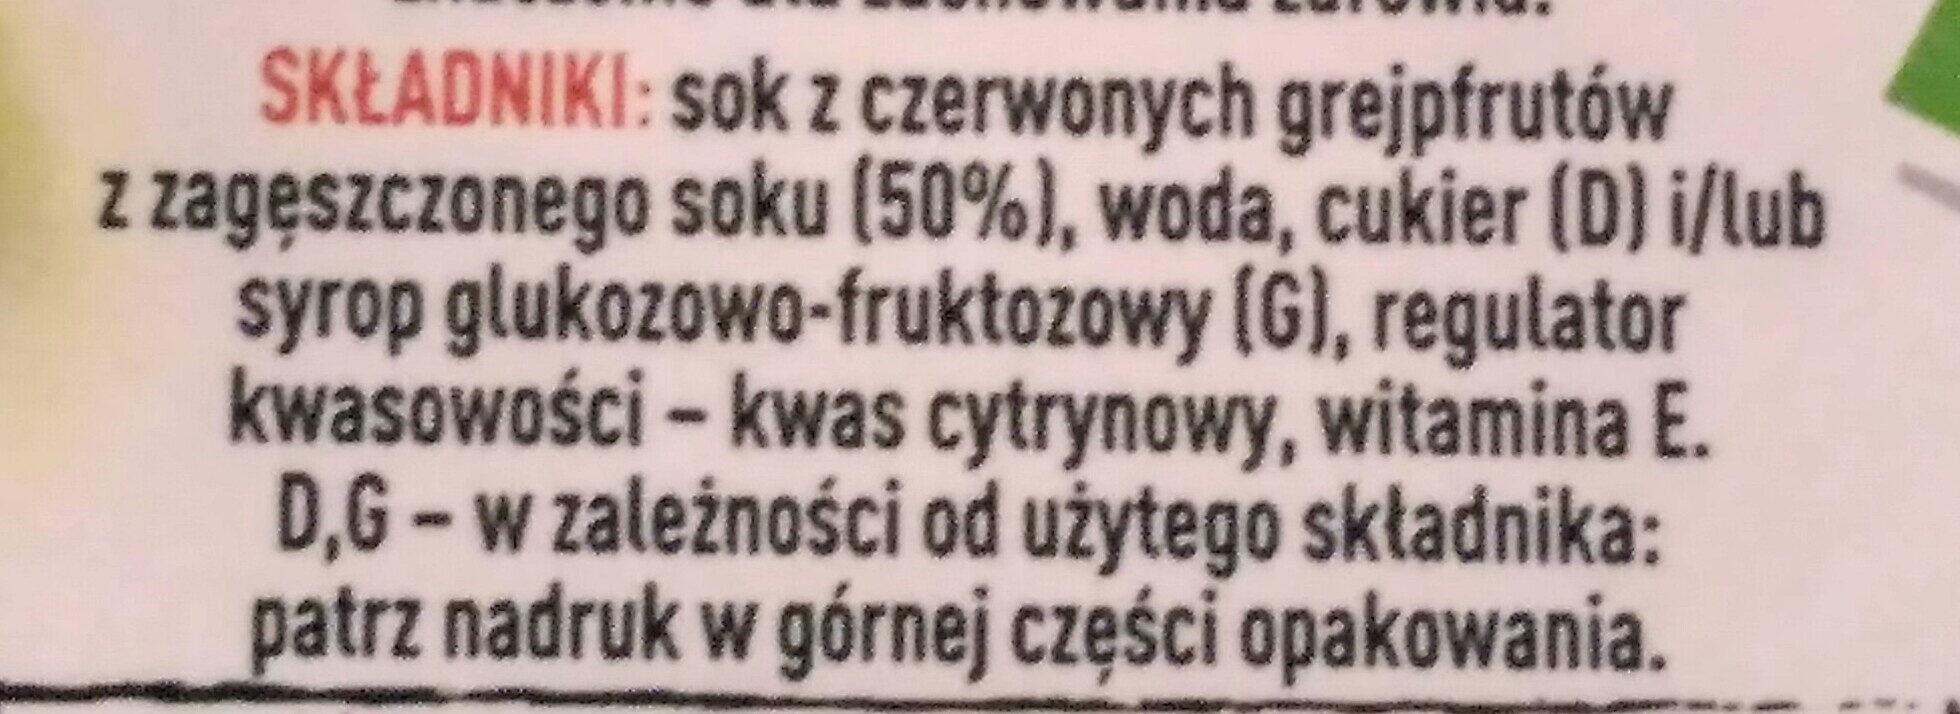 Tymbark nektar czerwony grejpfrut - Ingredients - pl